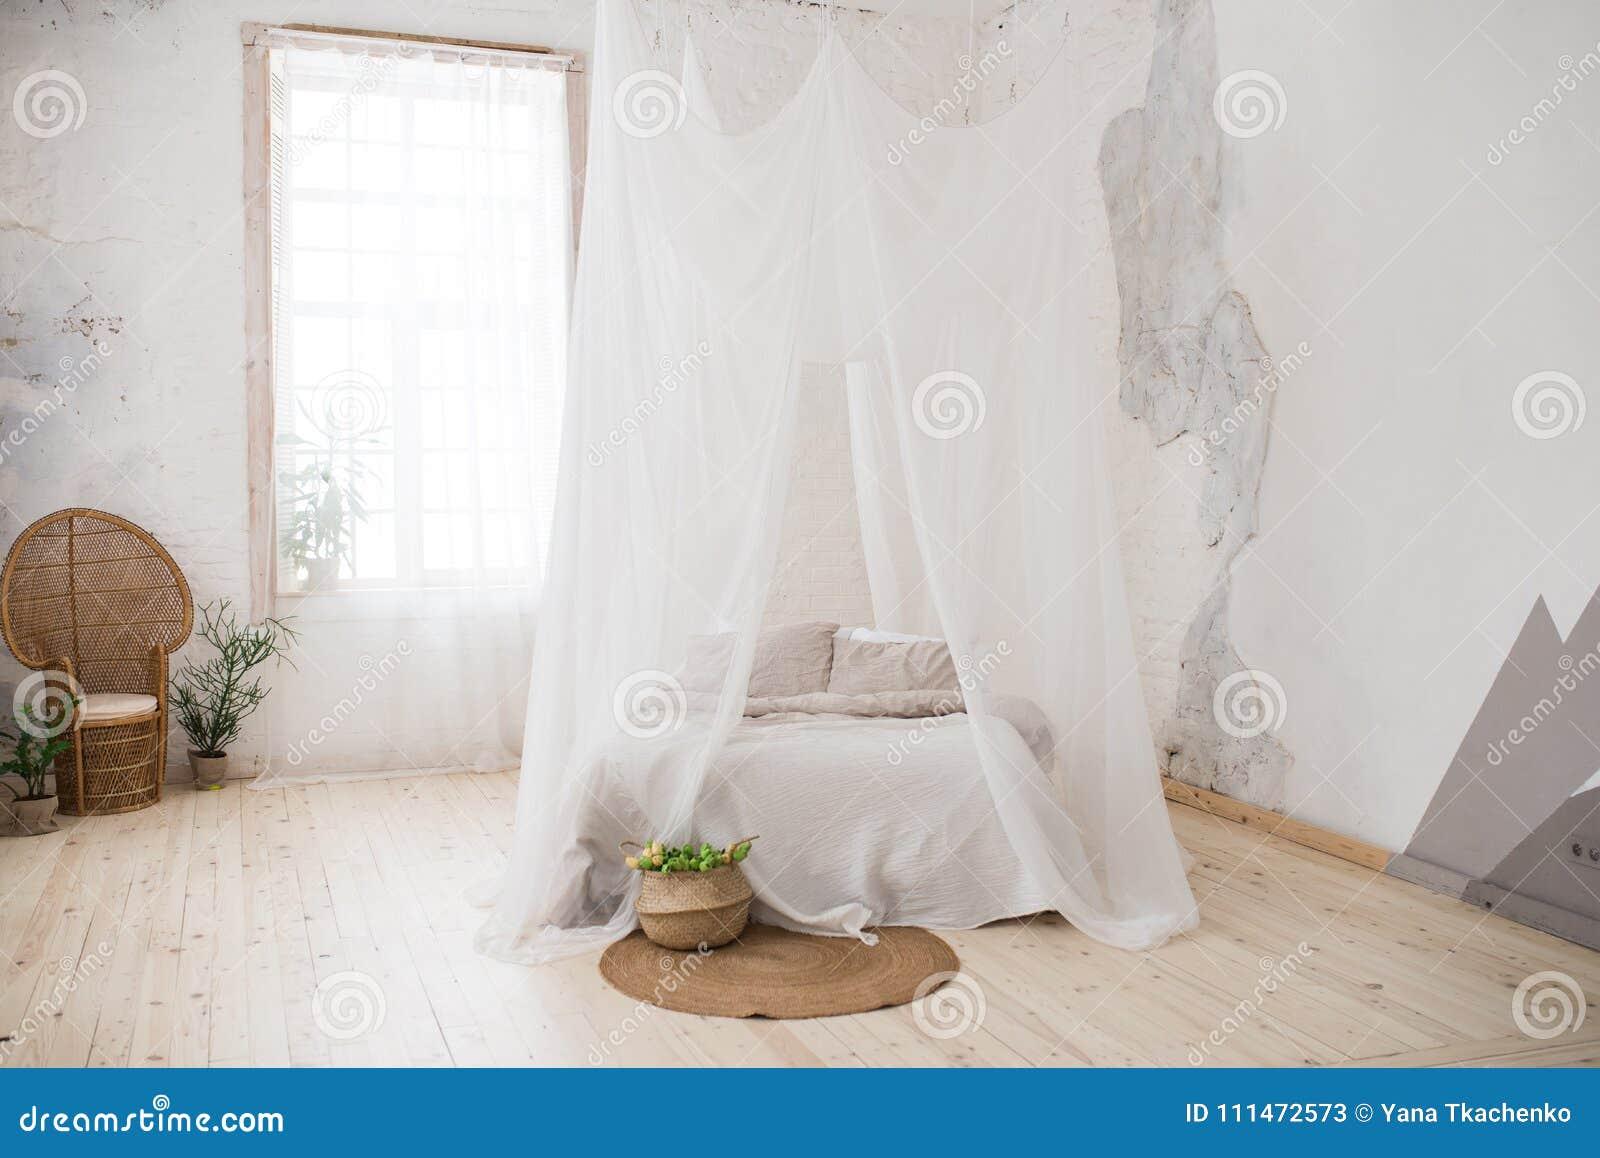 Slaapkamer Met Hout : Tweepersoonsbed met grijze bedlinnen en luifel slaapkamer een rieten